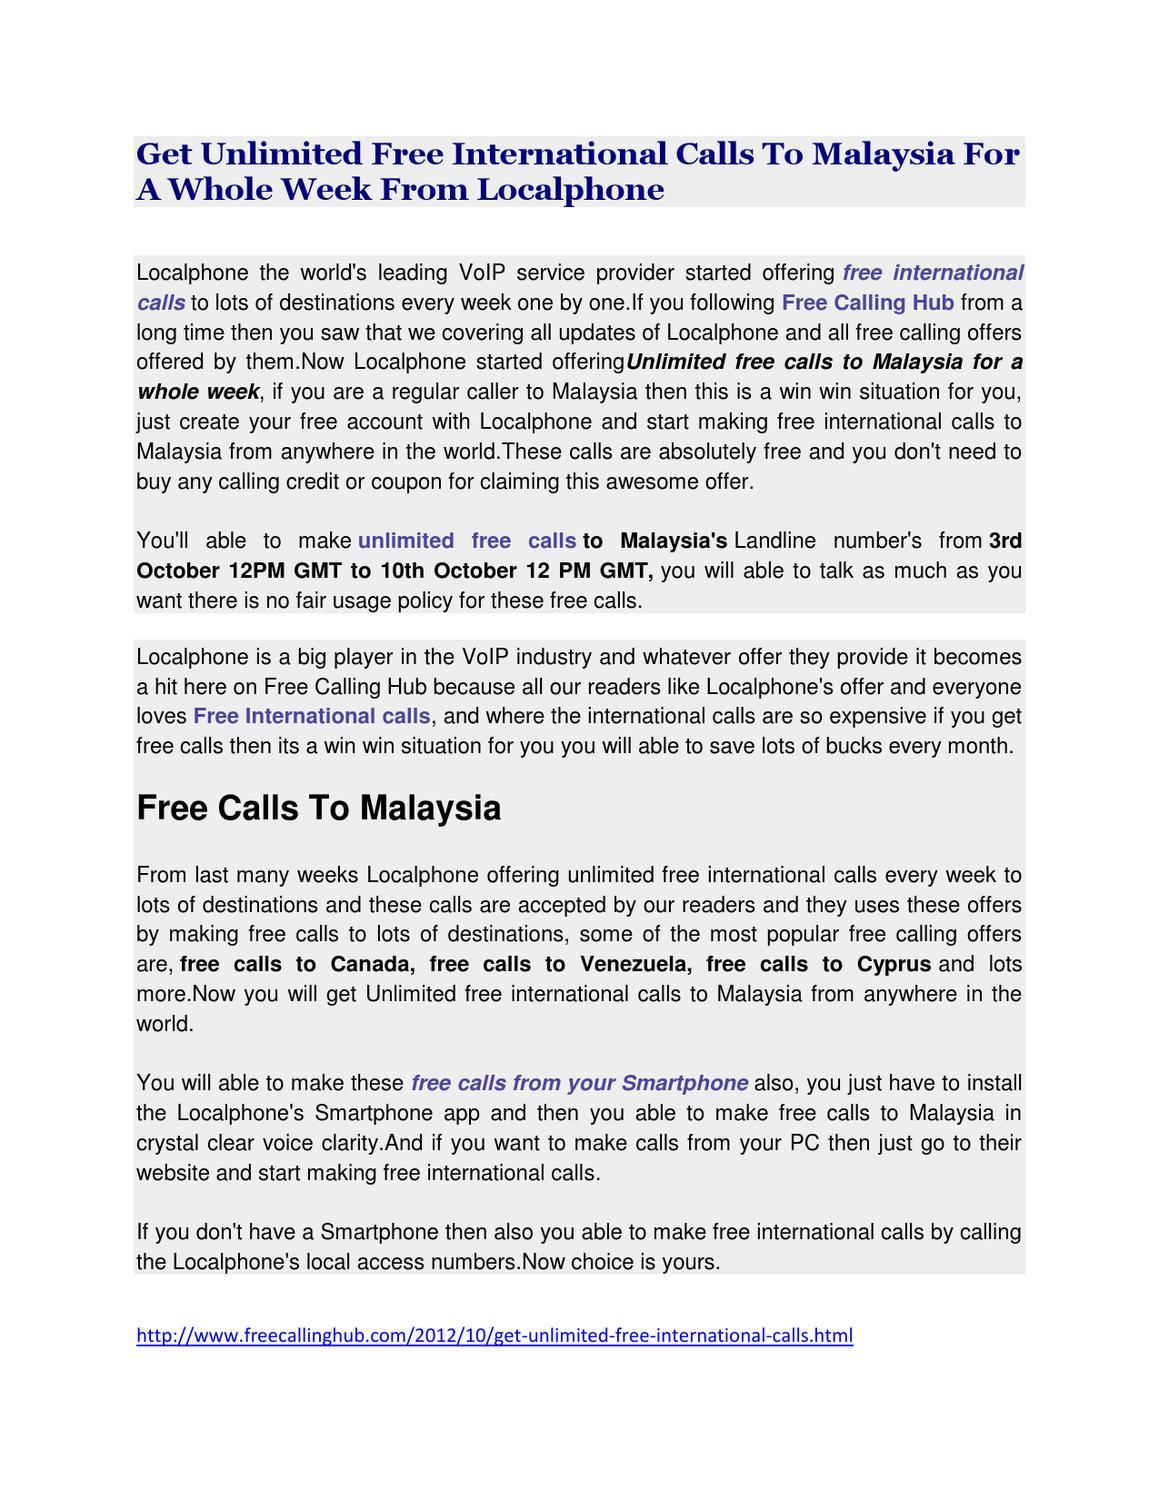 Free Calls To Malaysia by Gungun Mehta - issuu